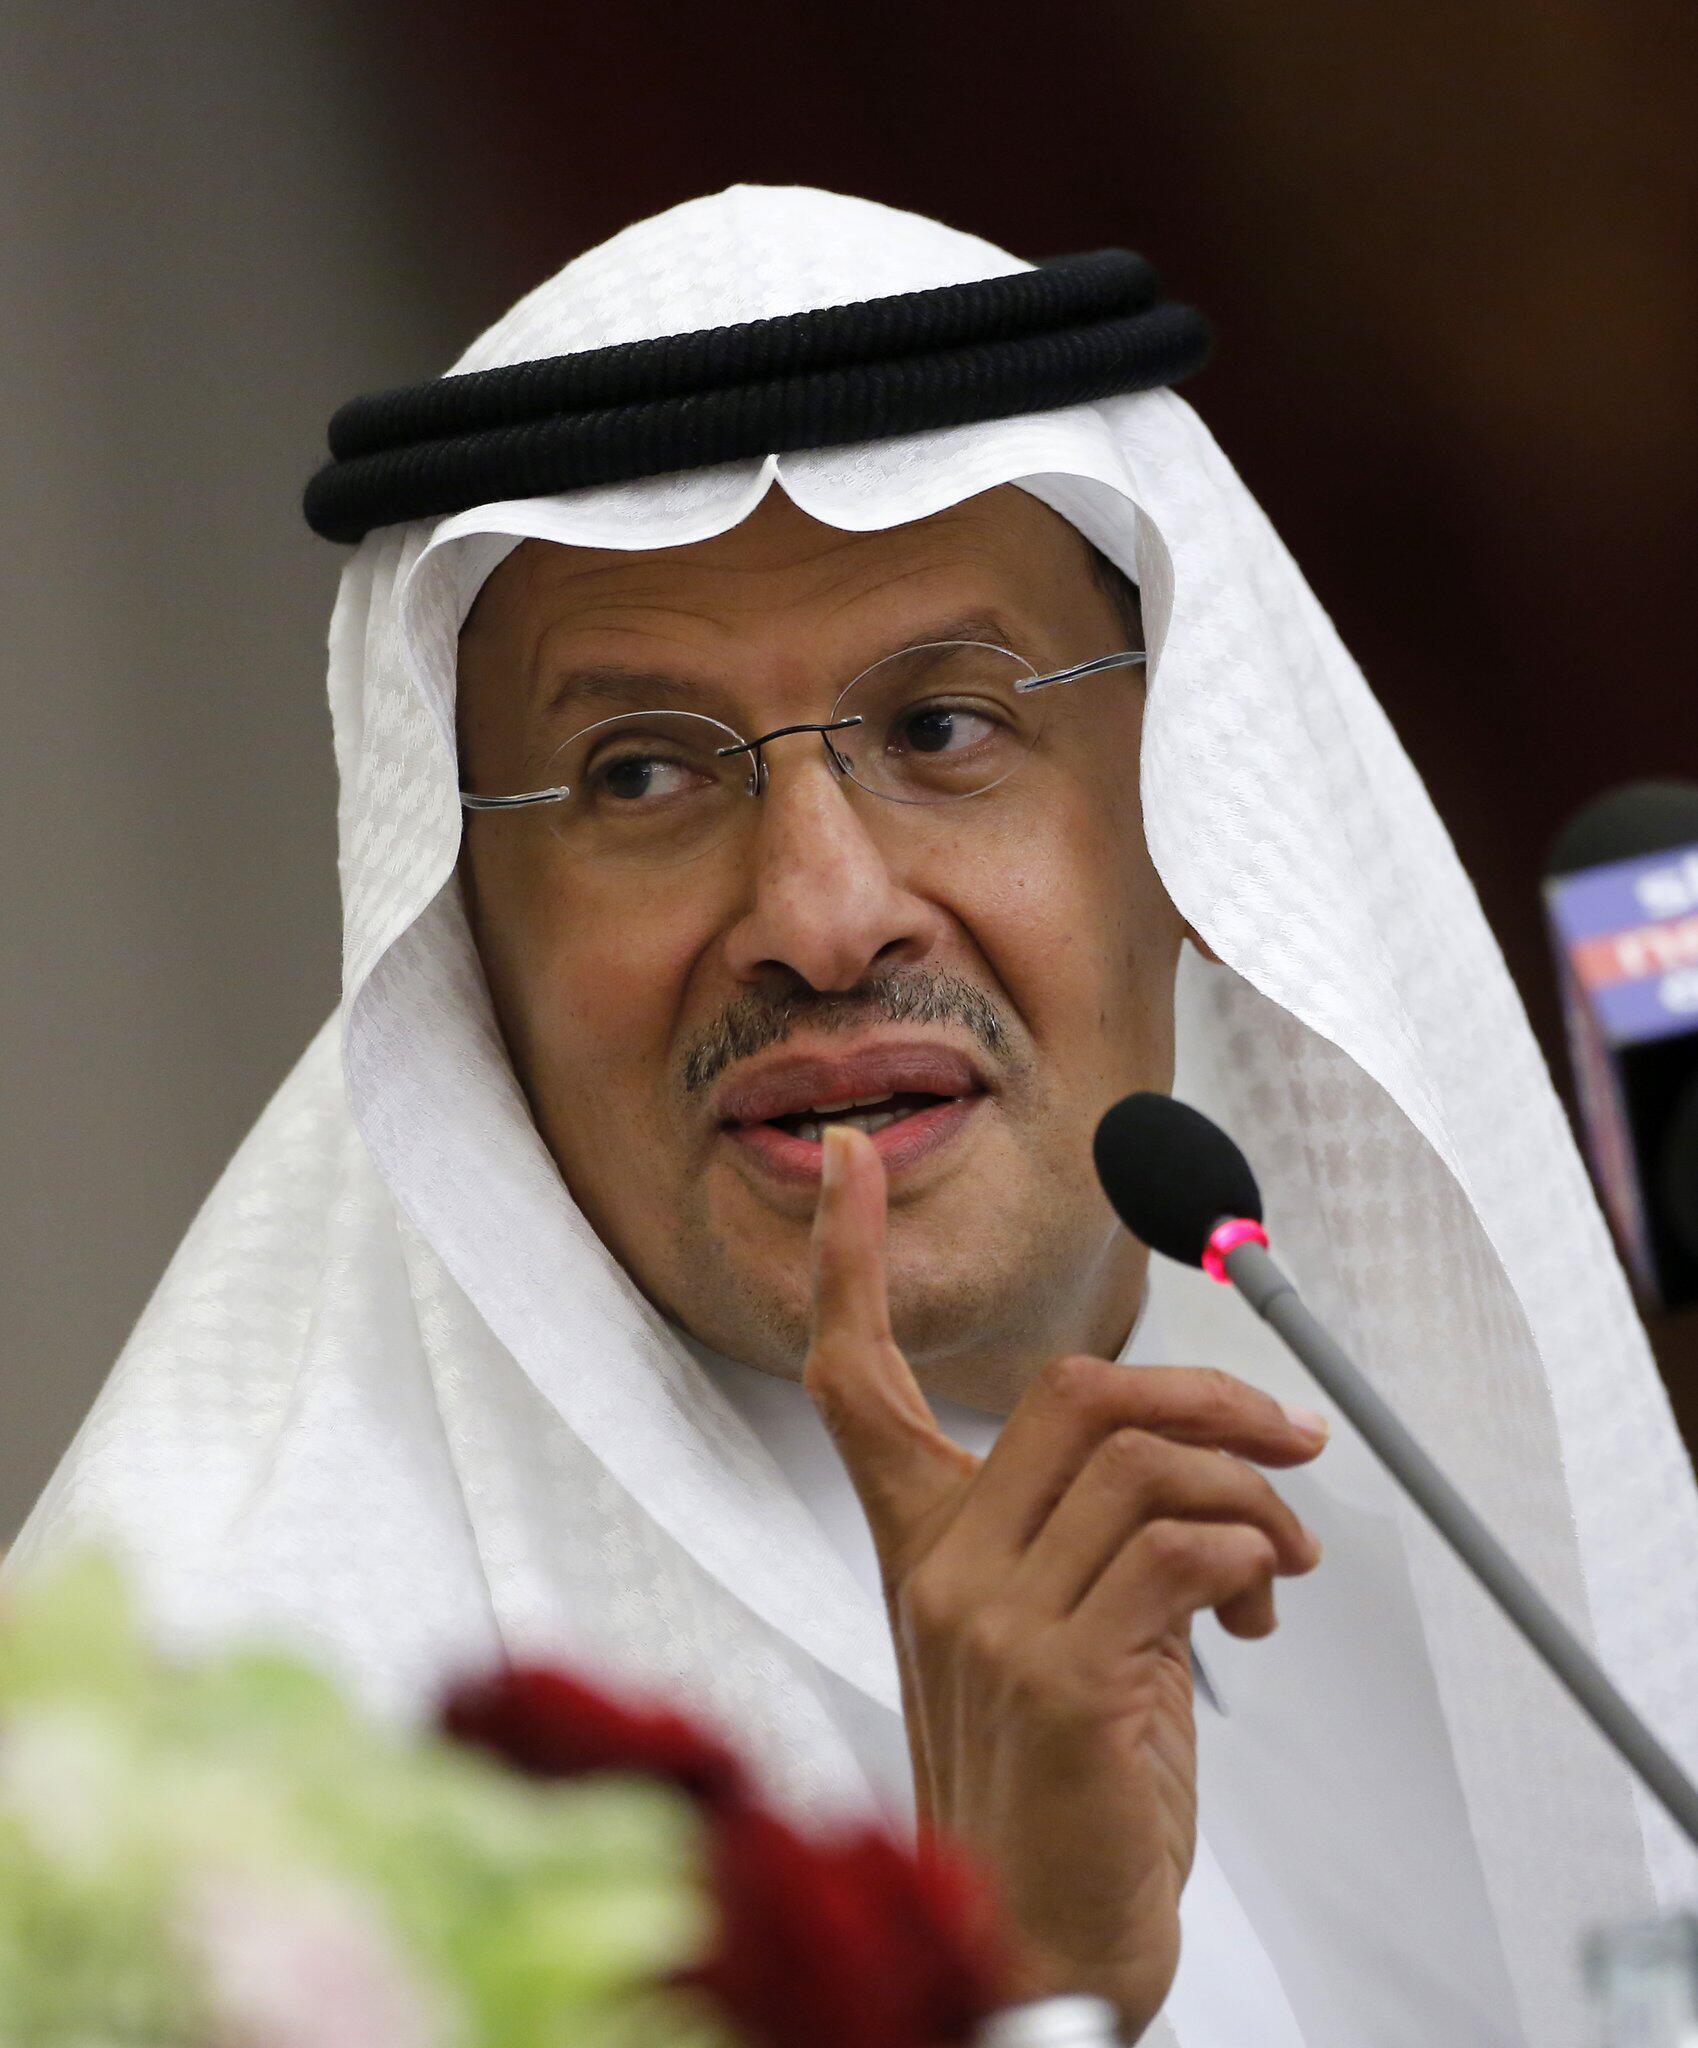 Bild zu Energieminister von Saudi-Arabien bei Pressekonferenz